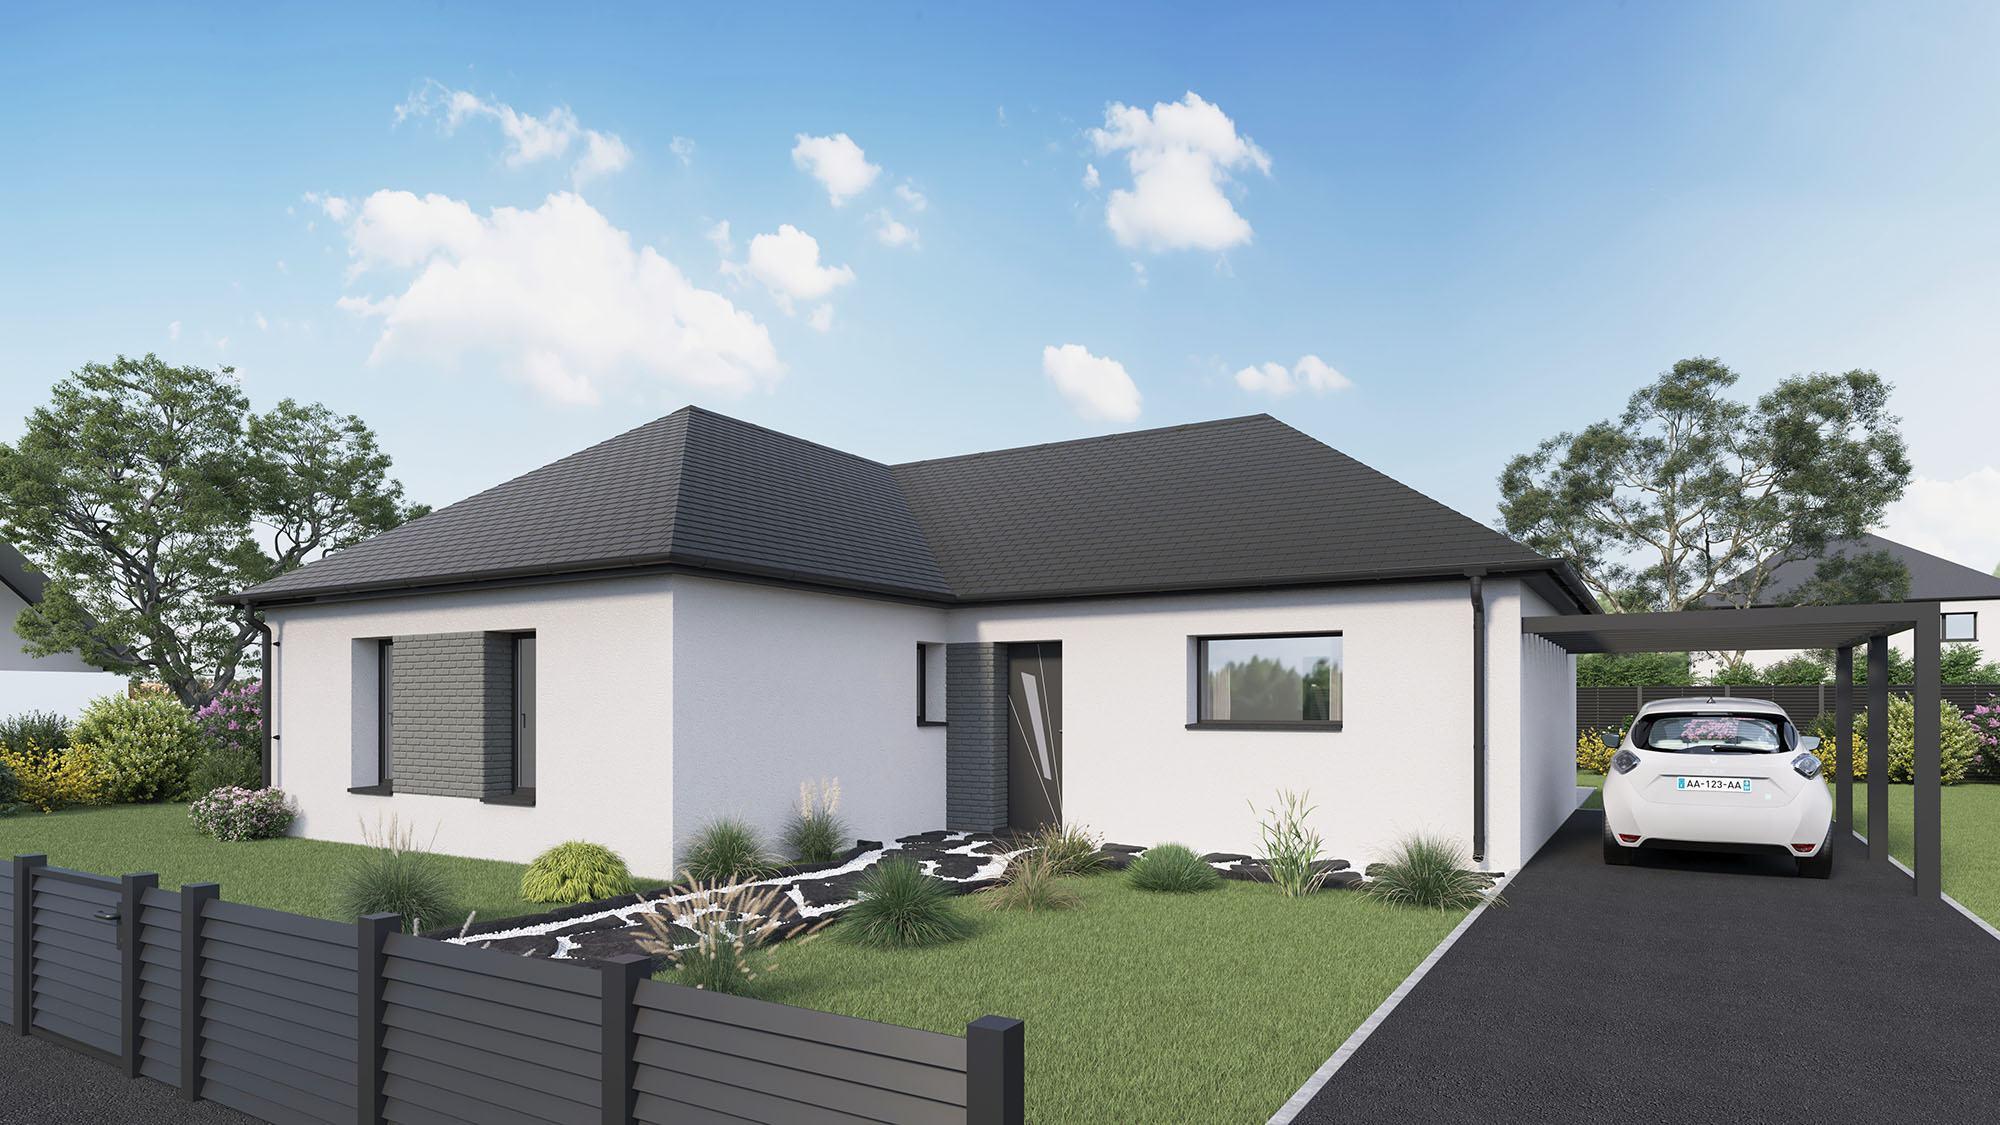 Maisons + Terrains du constructeur Maison Castor Valenciennes • 100 m² • BRUAY SUR L'ESCAUT